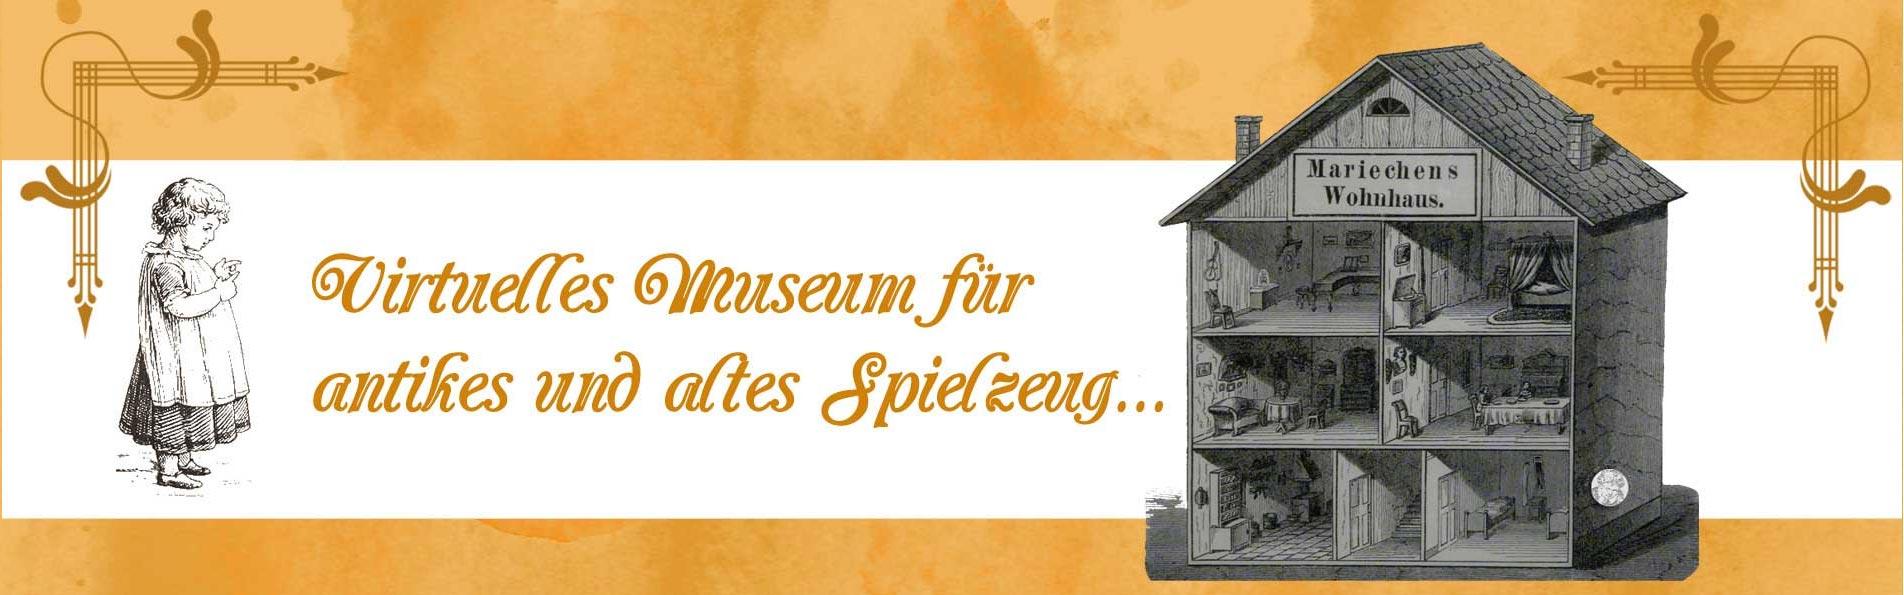 Virtuelles Museum für antikes und altes Spielzeug und vieles anderes mehr von Sylvia Wentzlau